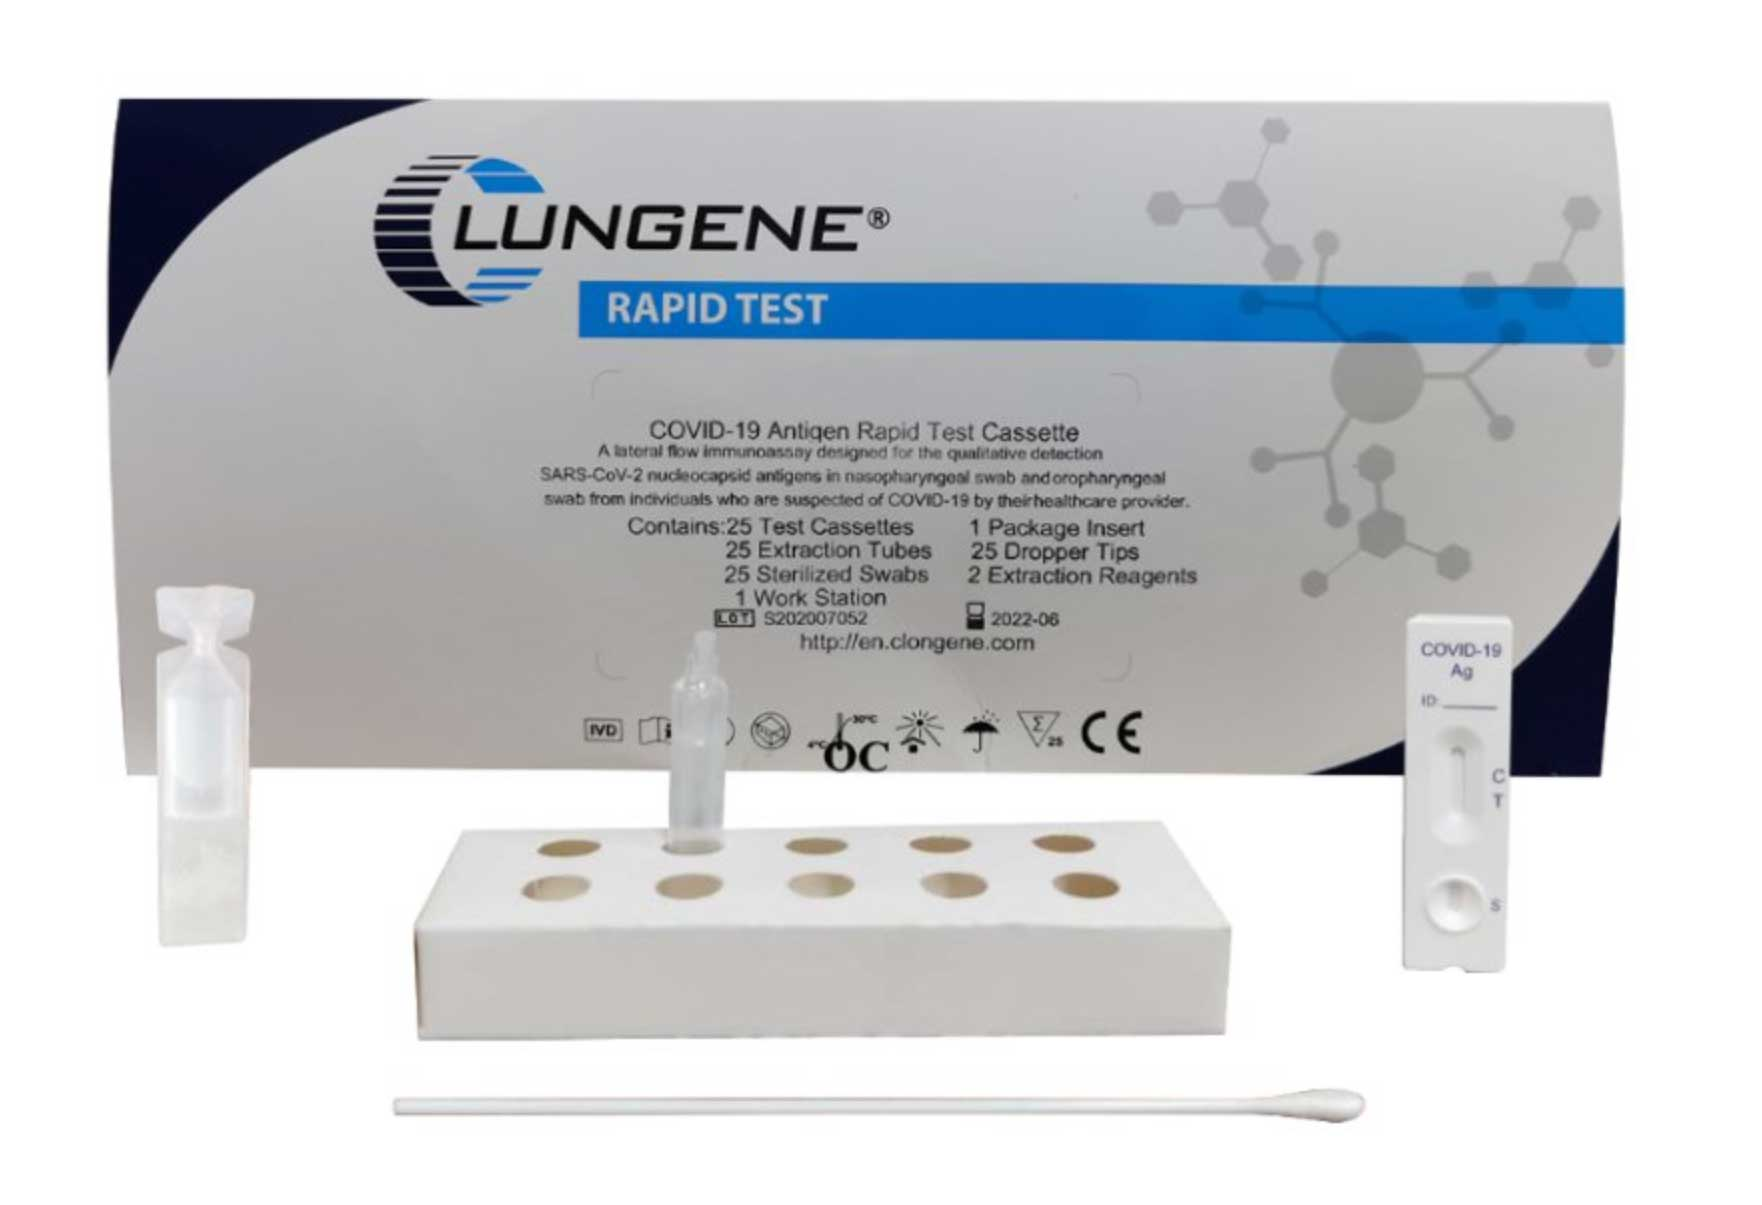 Clungene-Covid-19-Schnelltest